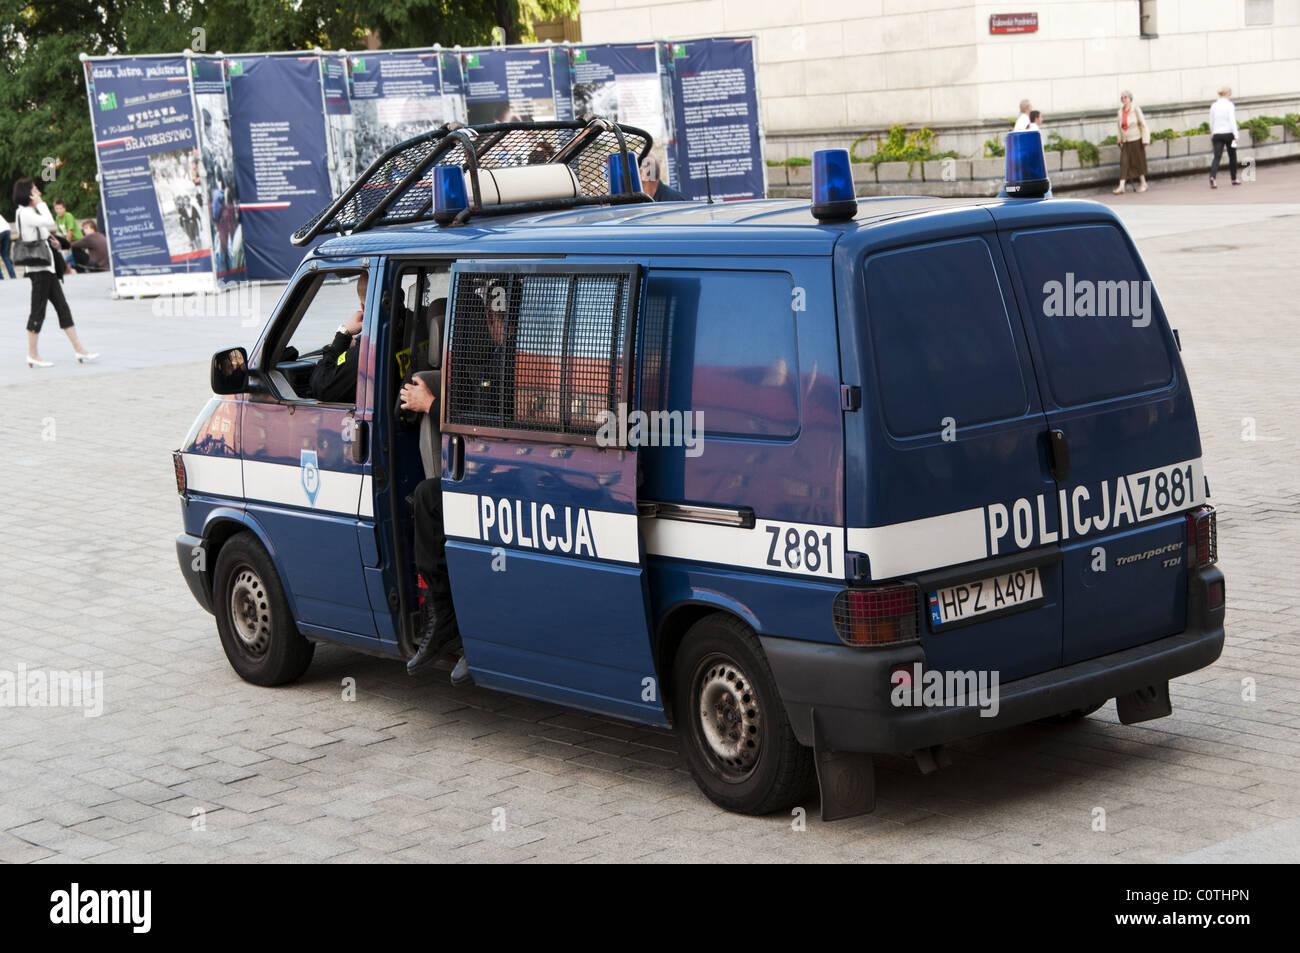 Polish Police Force Blue Van Monitoring At Old Town Sq